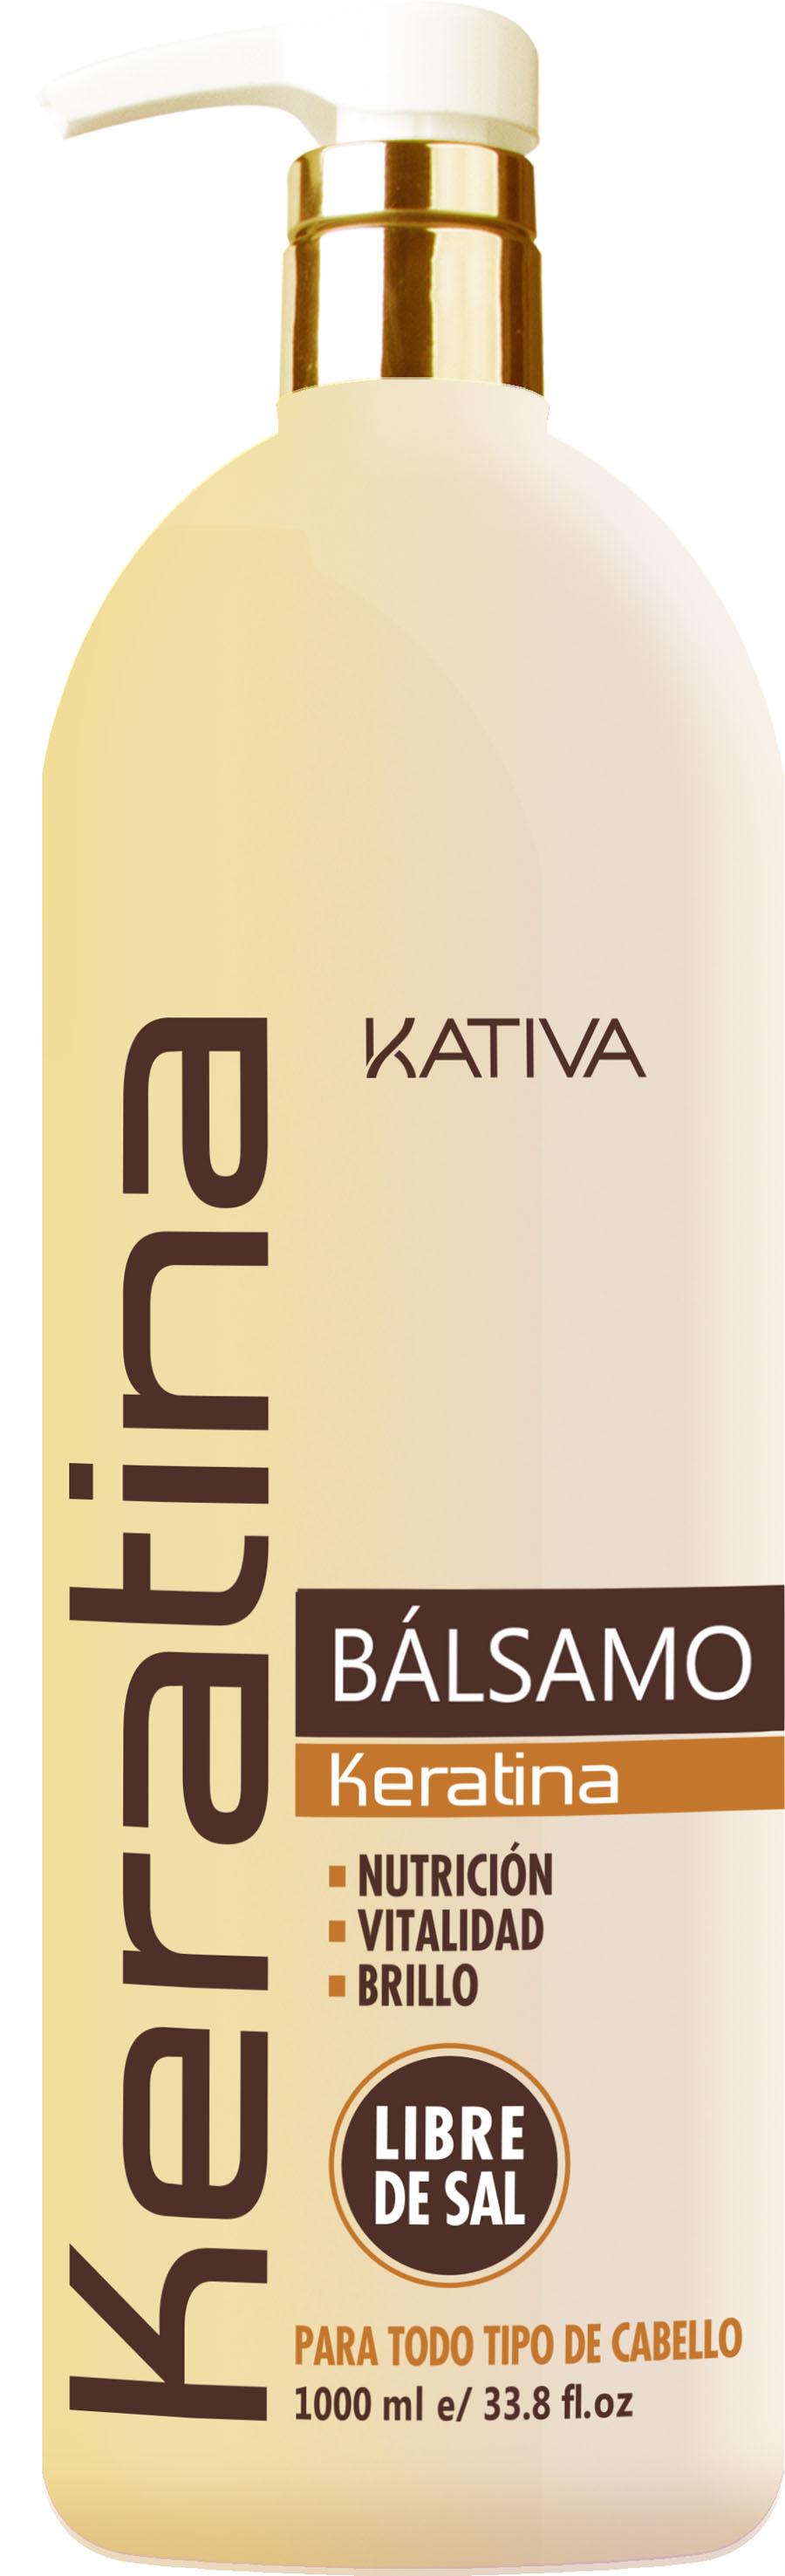 Kativa b lsamo keratina libre de sal y sin sulfatos - Bano de keratina precio ...